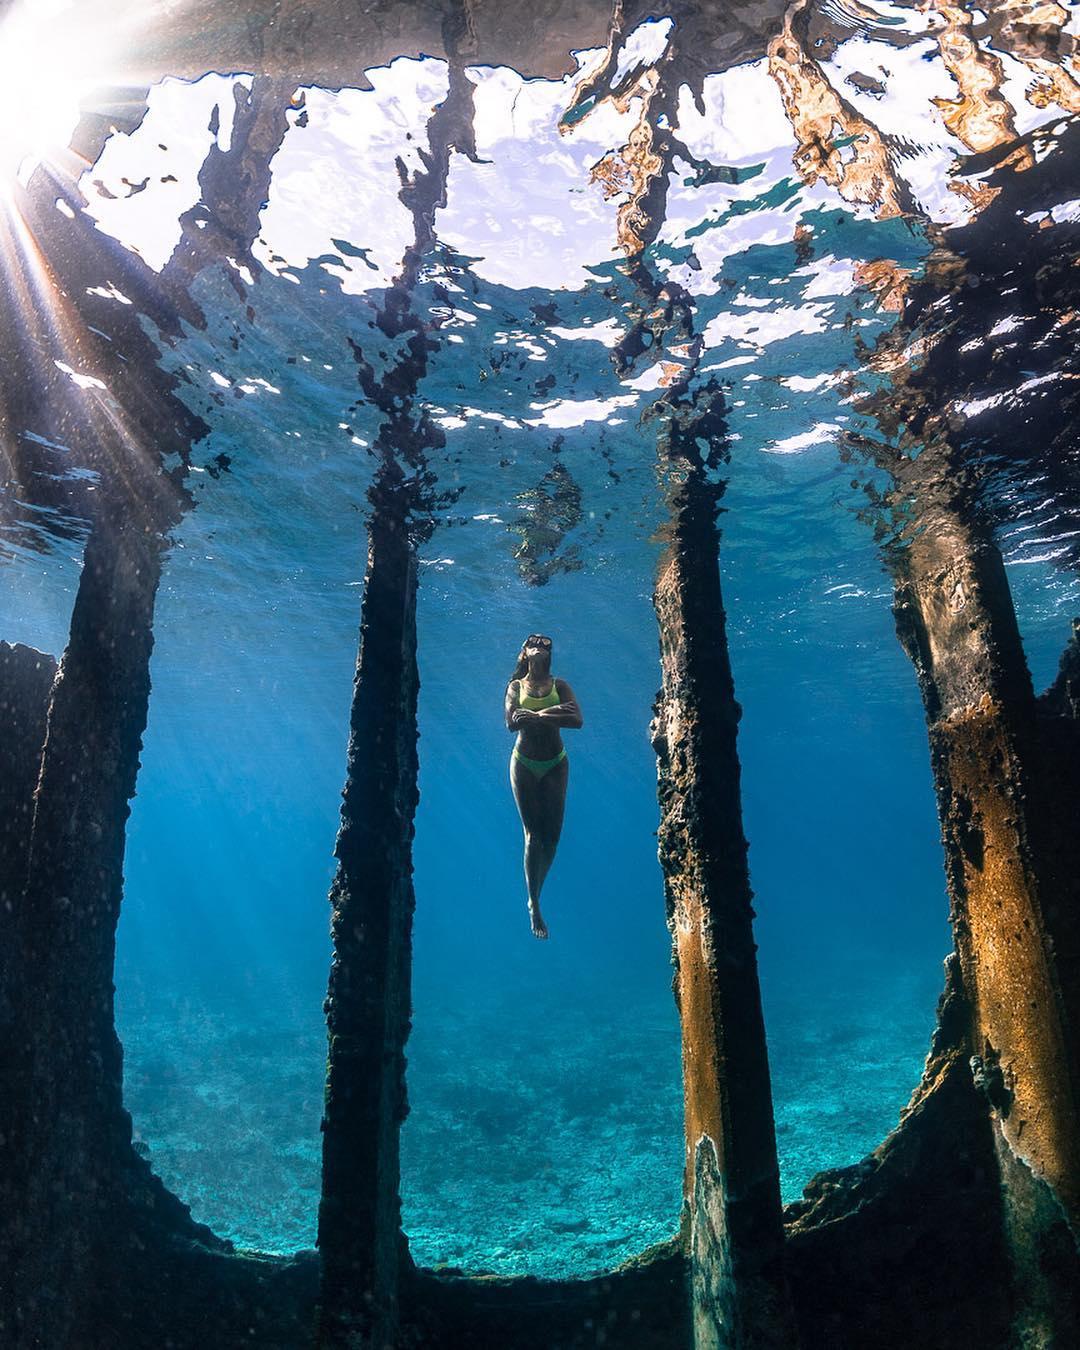 нашем интернет-магазине необычные подводные фотографии затворе уже